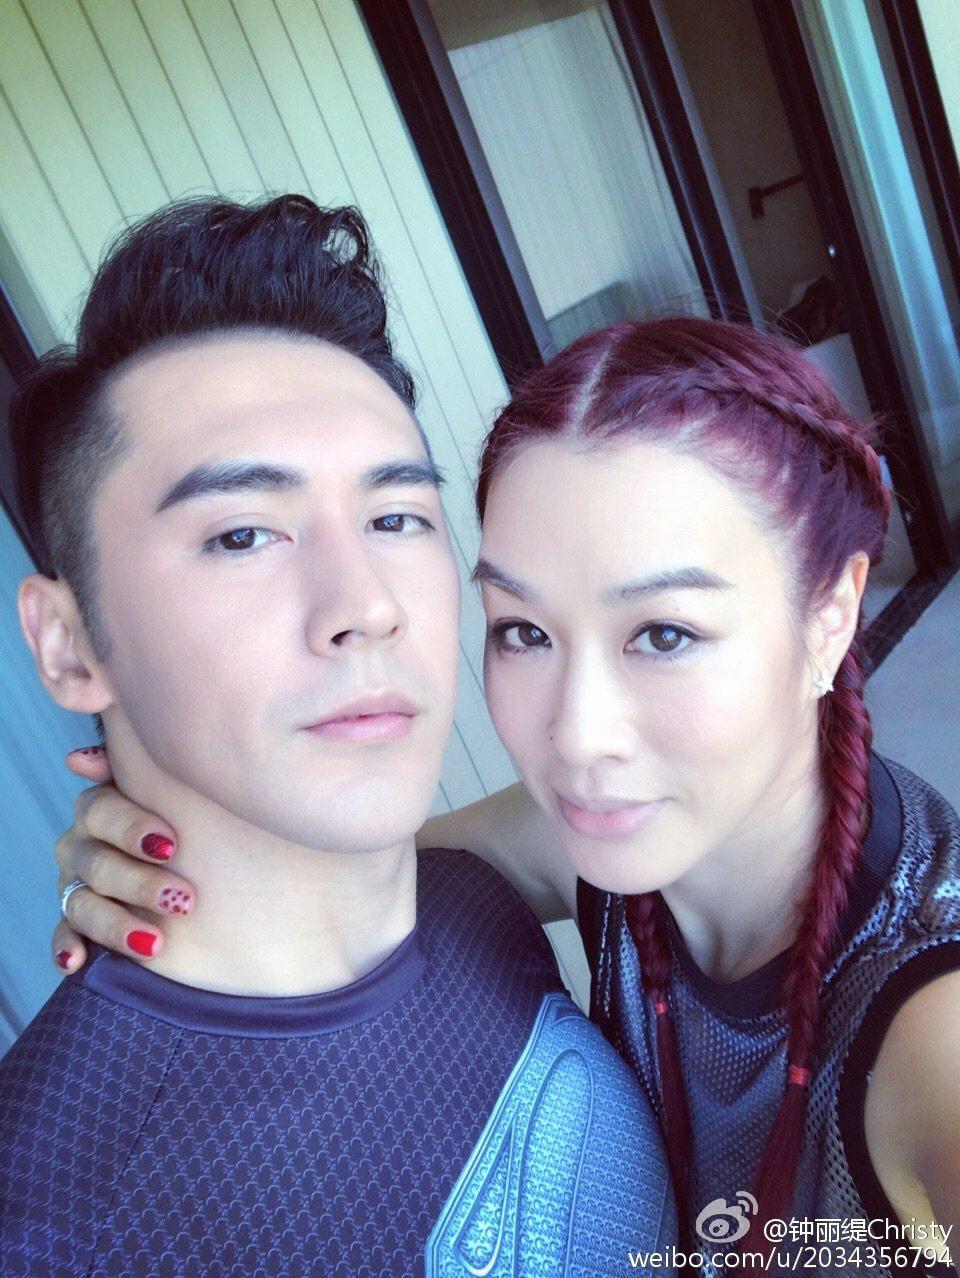 鍾麗緹與老公張倫碩婚後感情甜蜜。圖/取自於微博